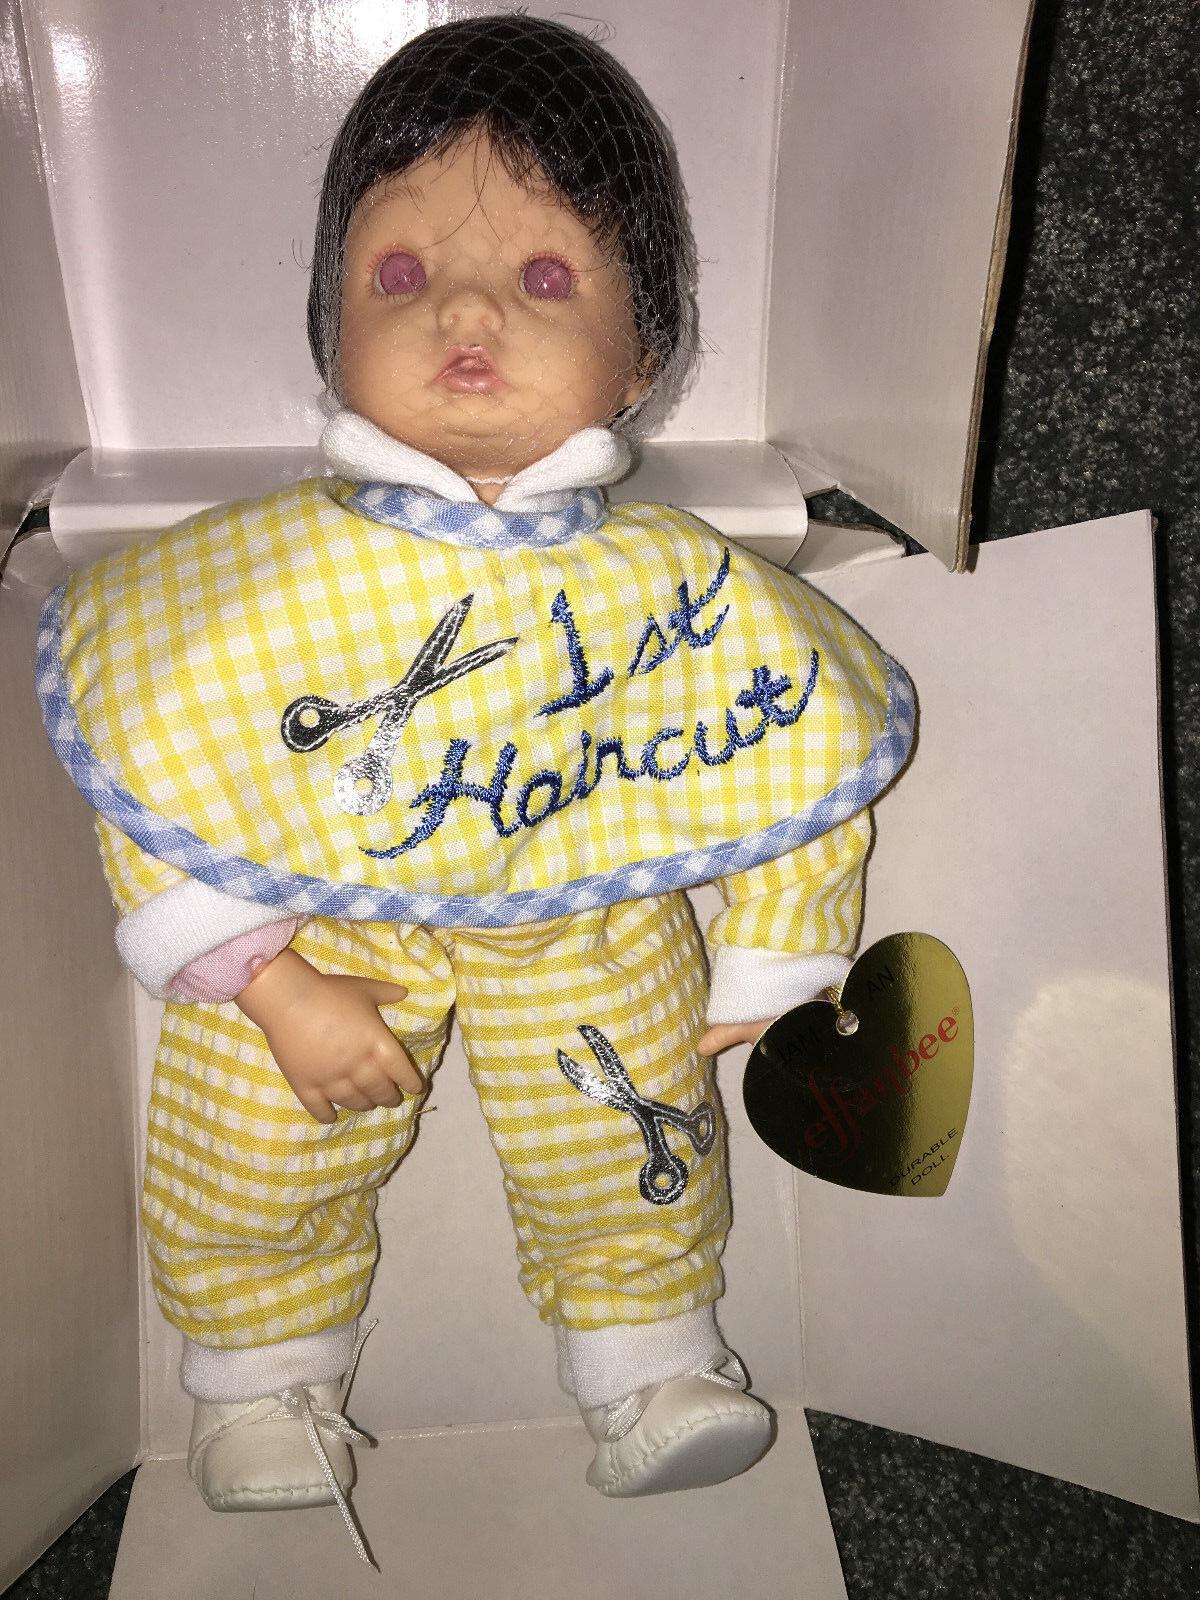 Effanbee Muñeca de Bebé Primera Corte de Pelo Pelo Pelo Kathy Smith Fitzpatrick Colección  bienvenido a elegir